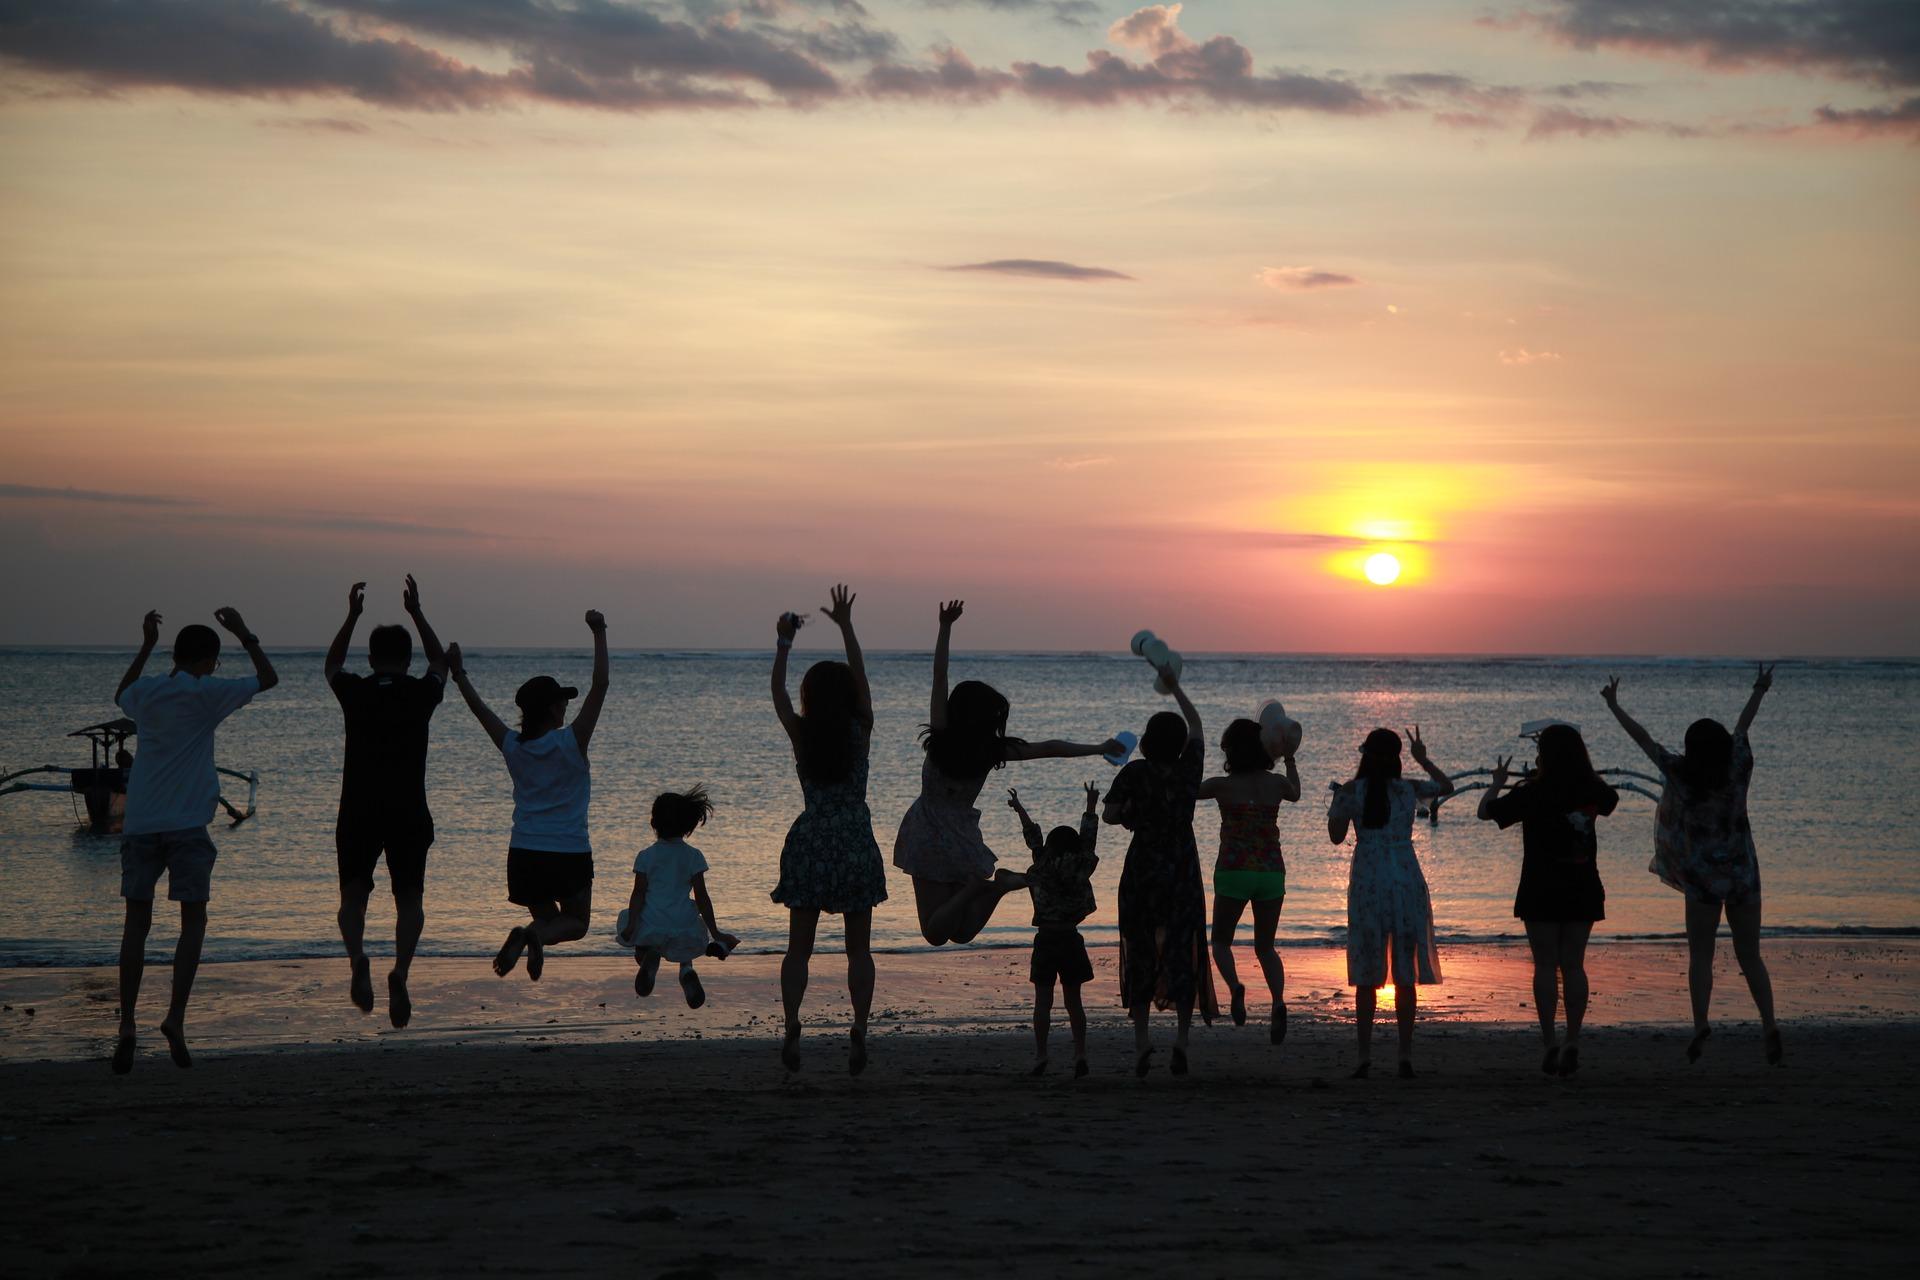 Ett antal hoppande, glada barn på en strand i solnedgång.